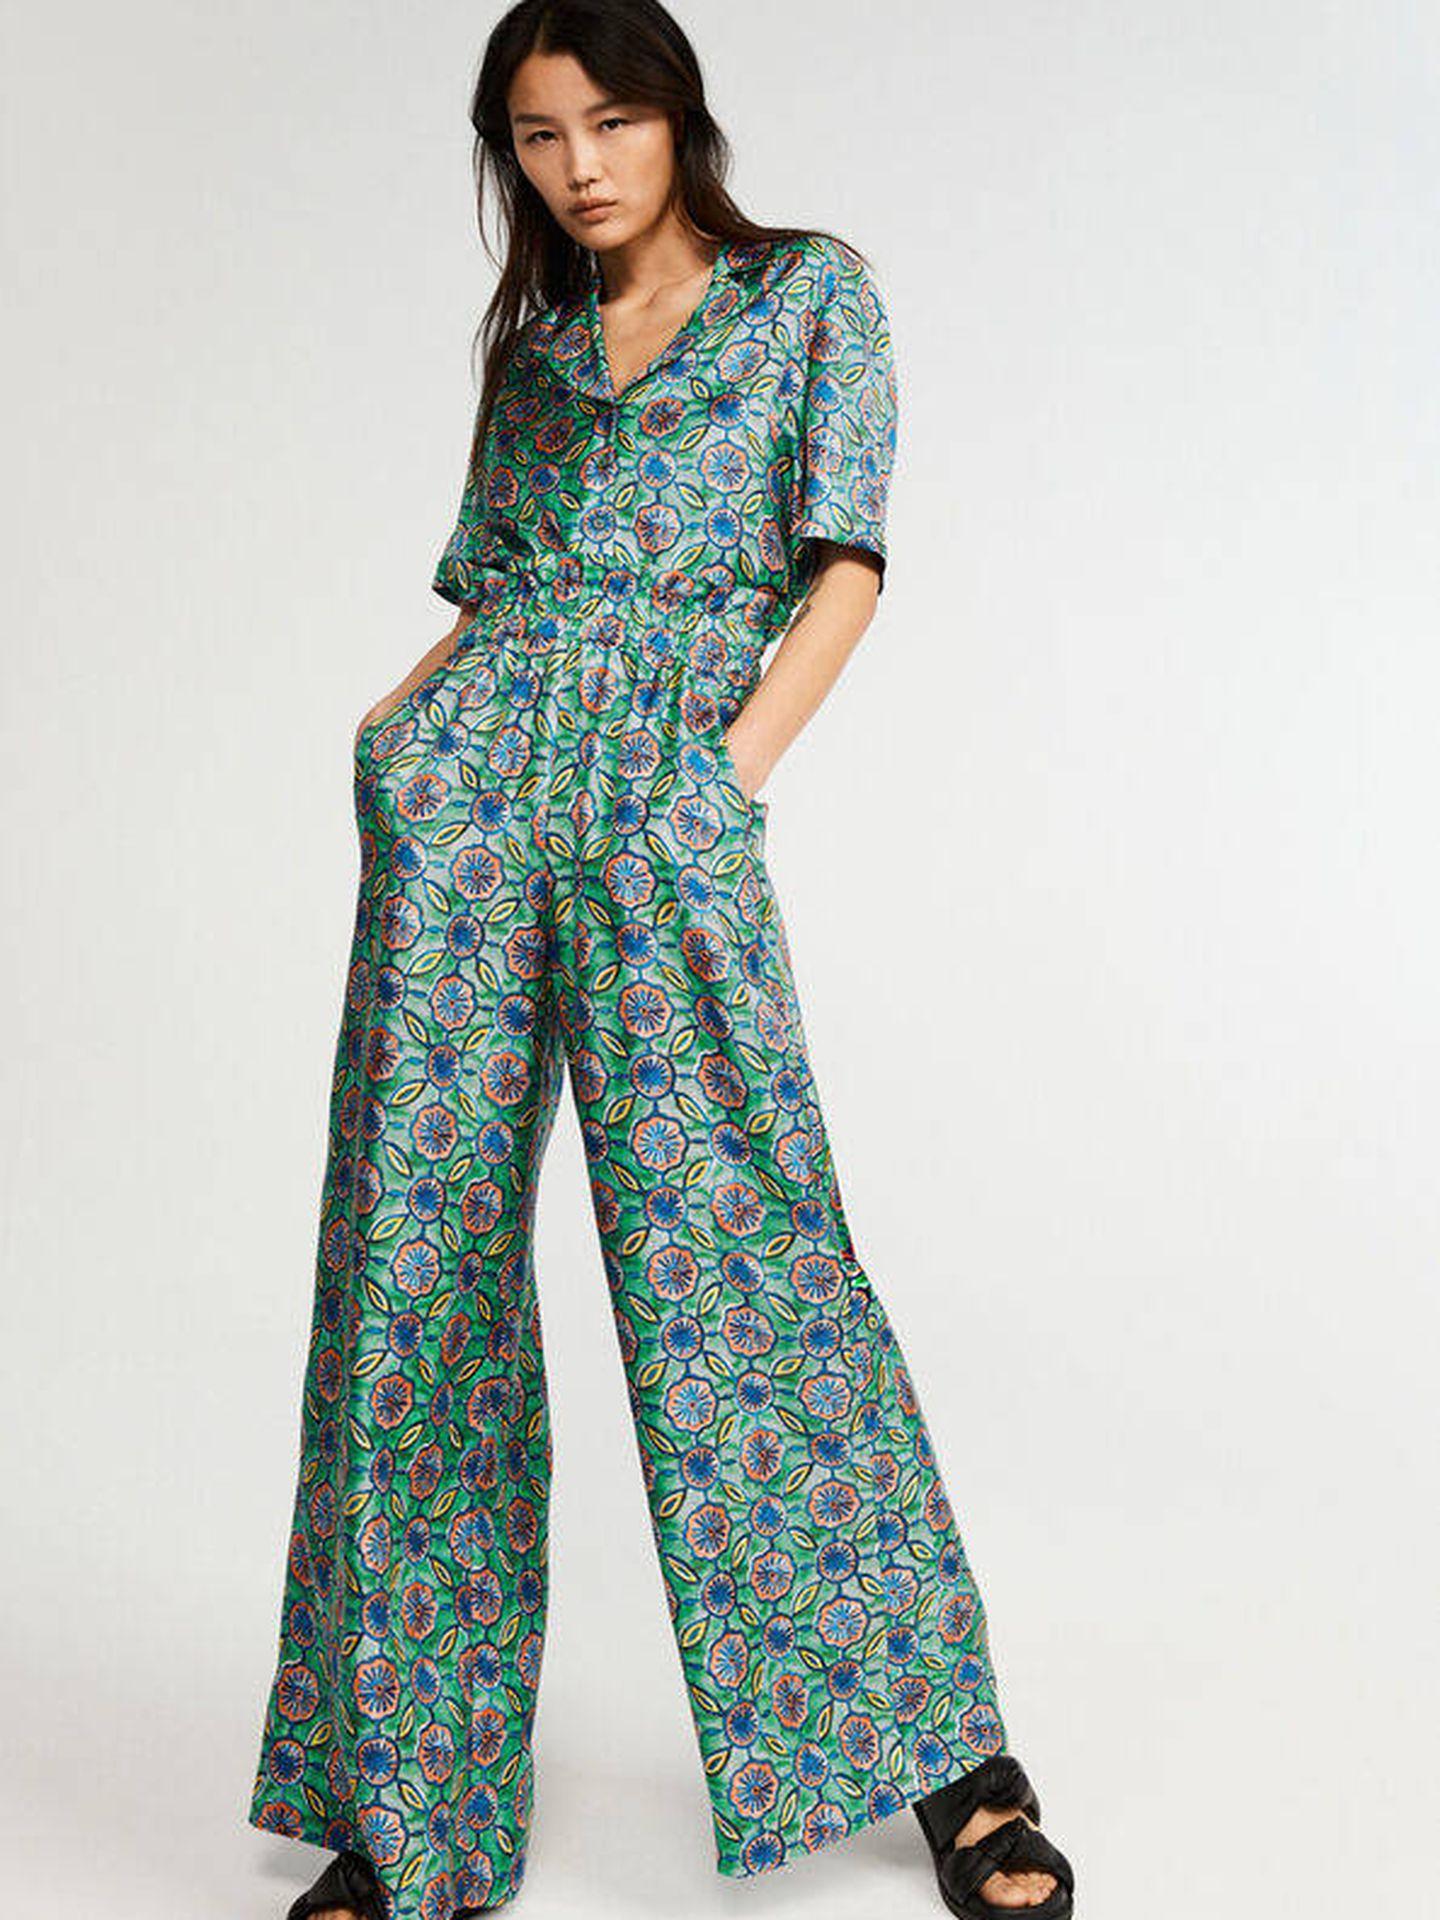 Pantalón de Claudie Pierlot ideal para el verano. (Cortesía)